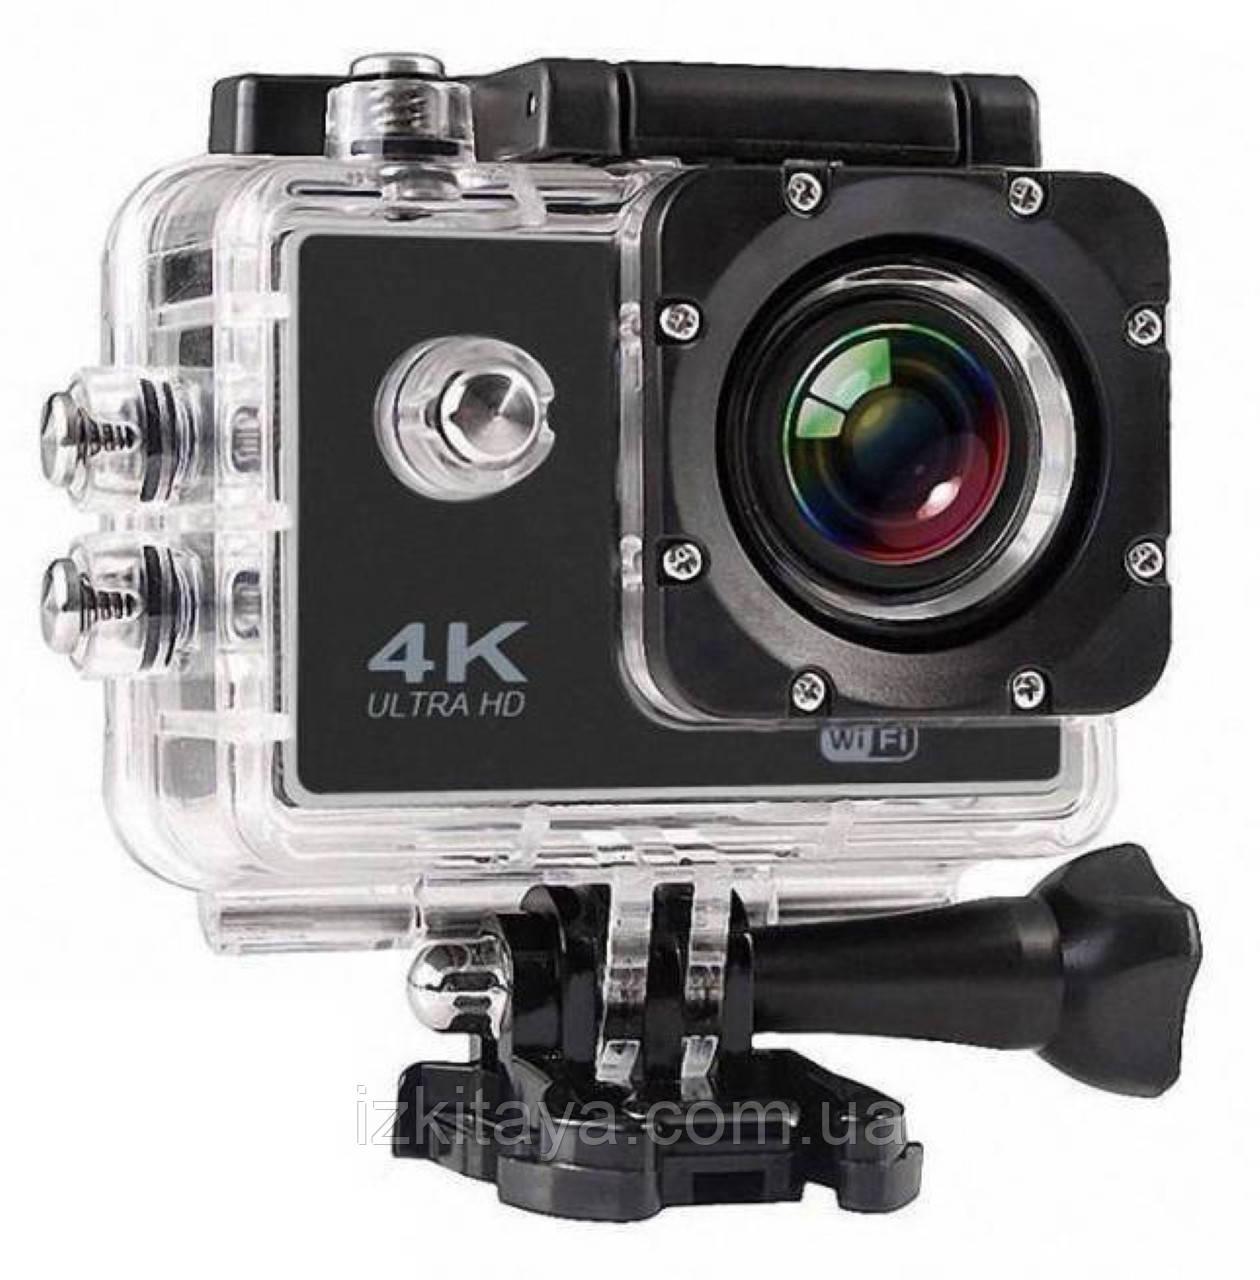 Туристическая подводная Экшн камера Action Camera S2 WiFi 4K